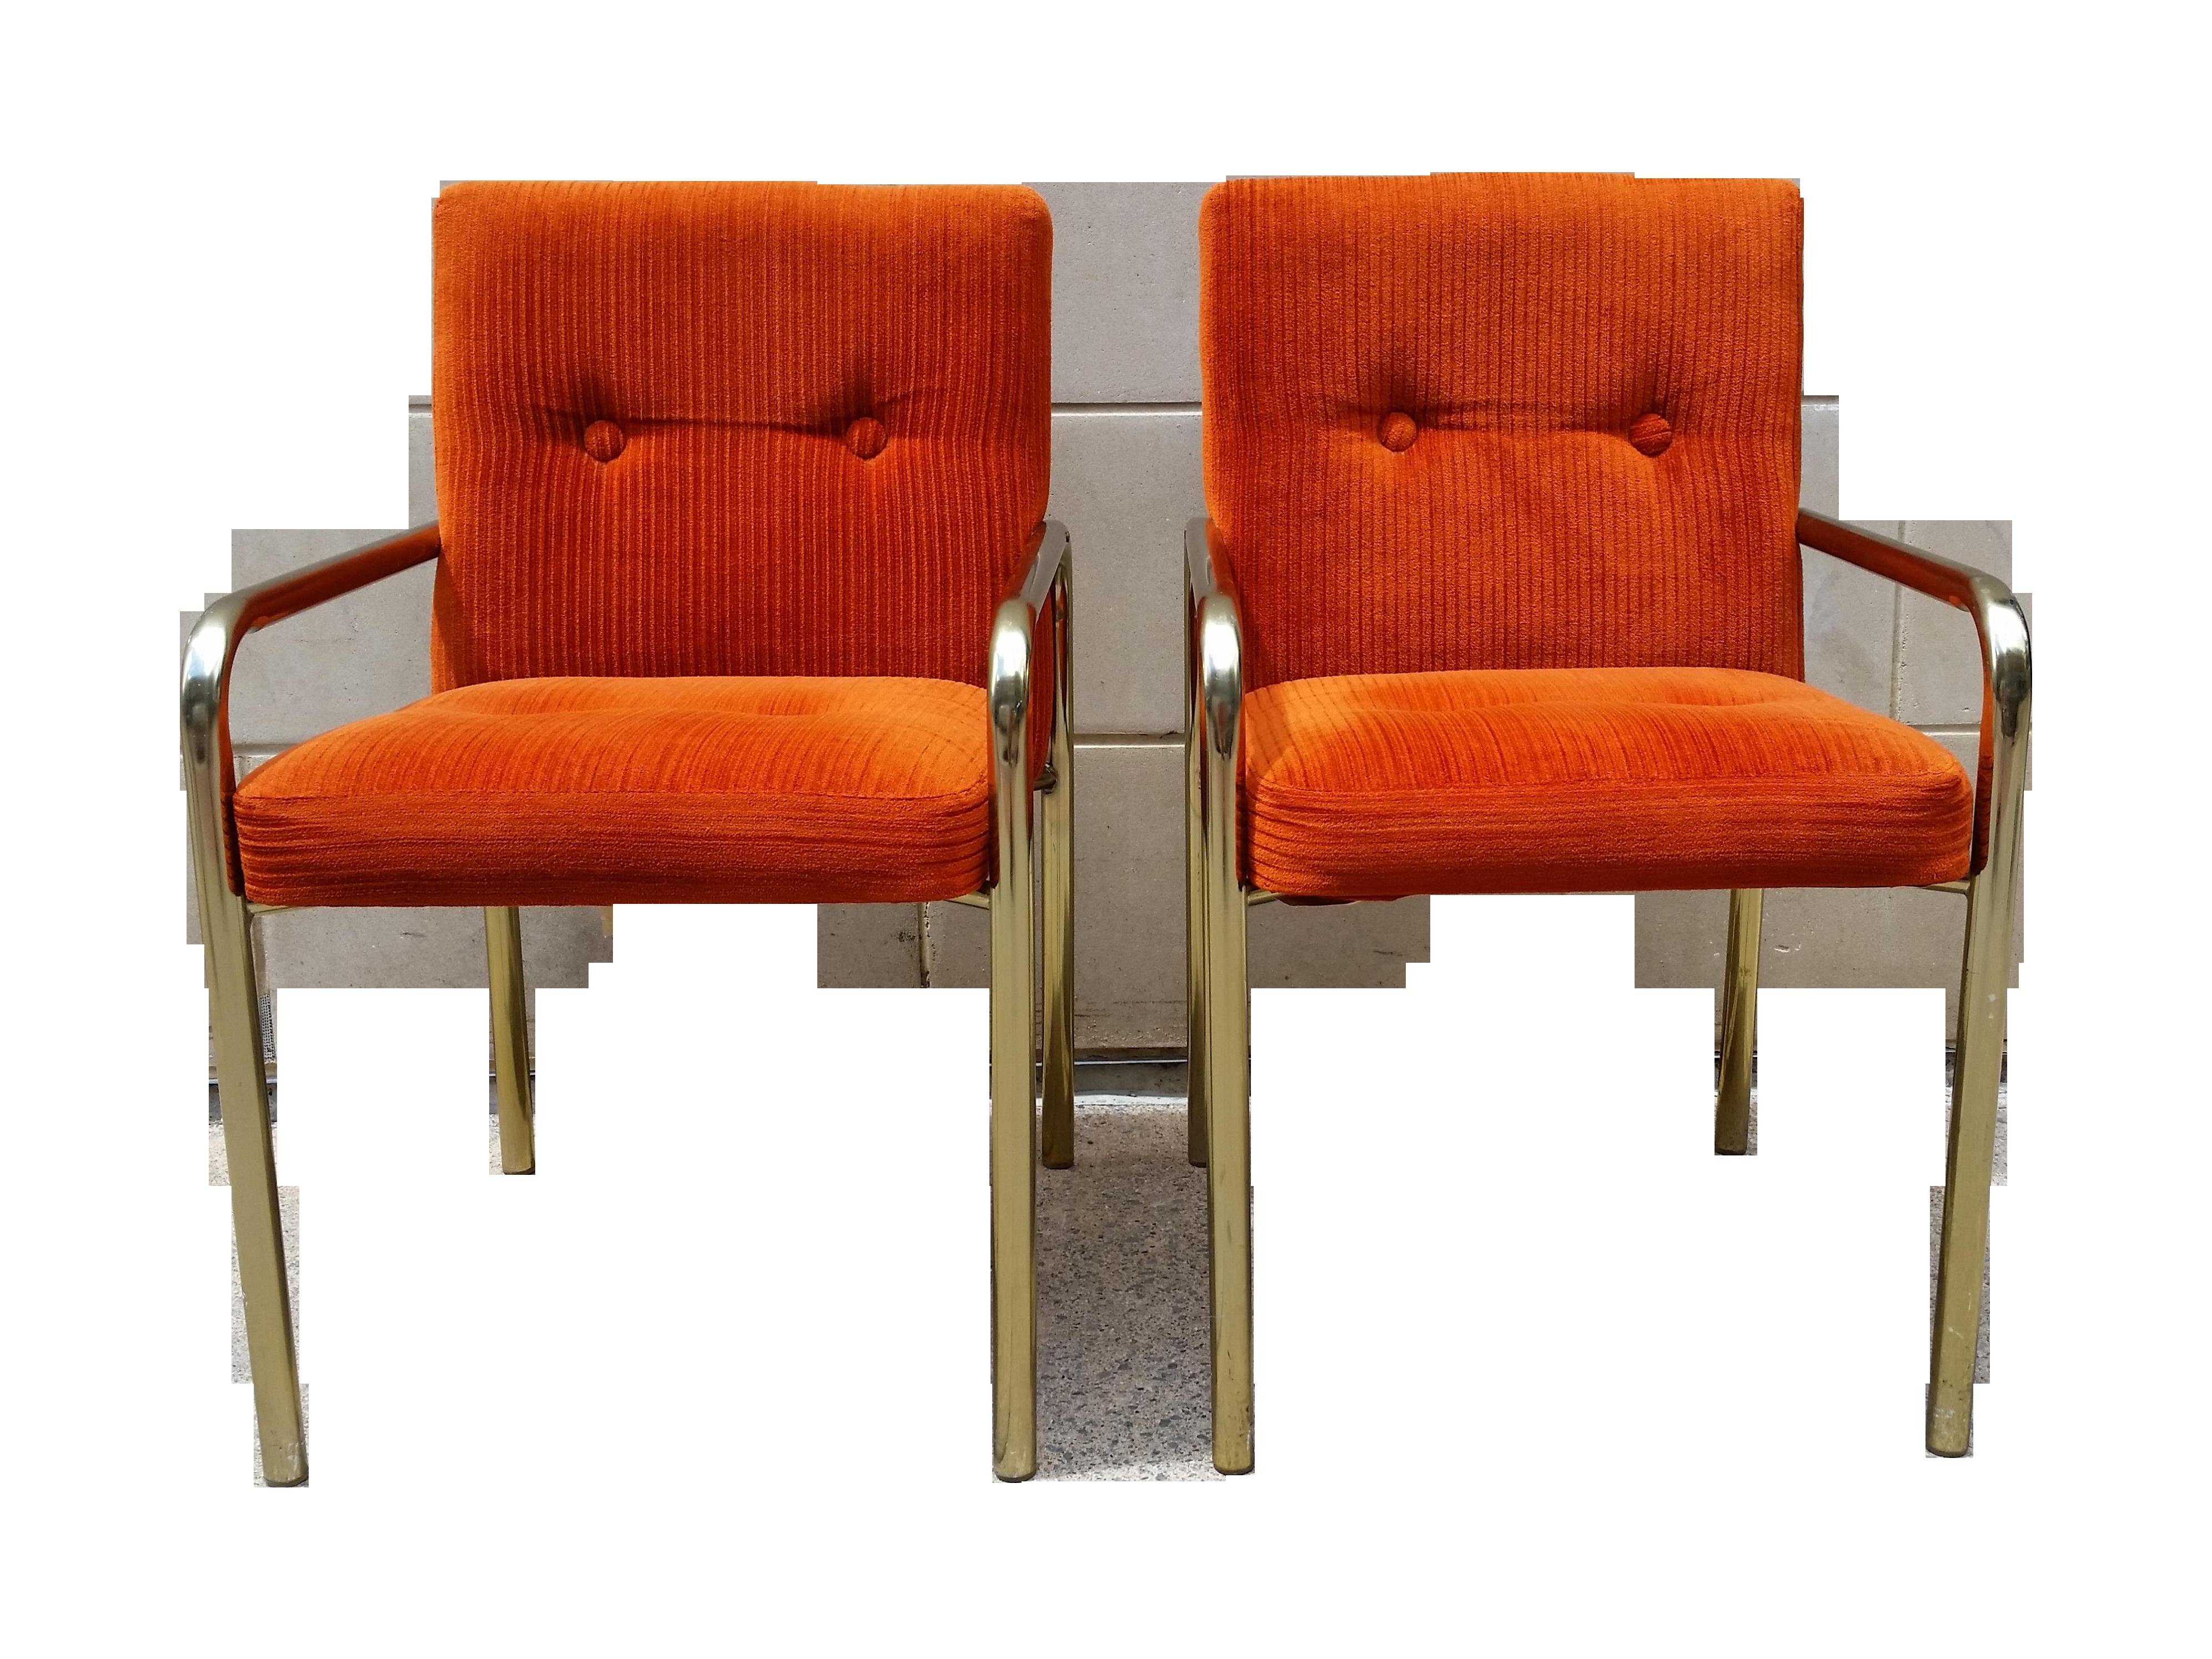 1980 daystrom orange reception